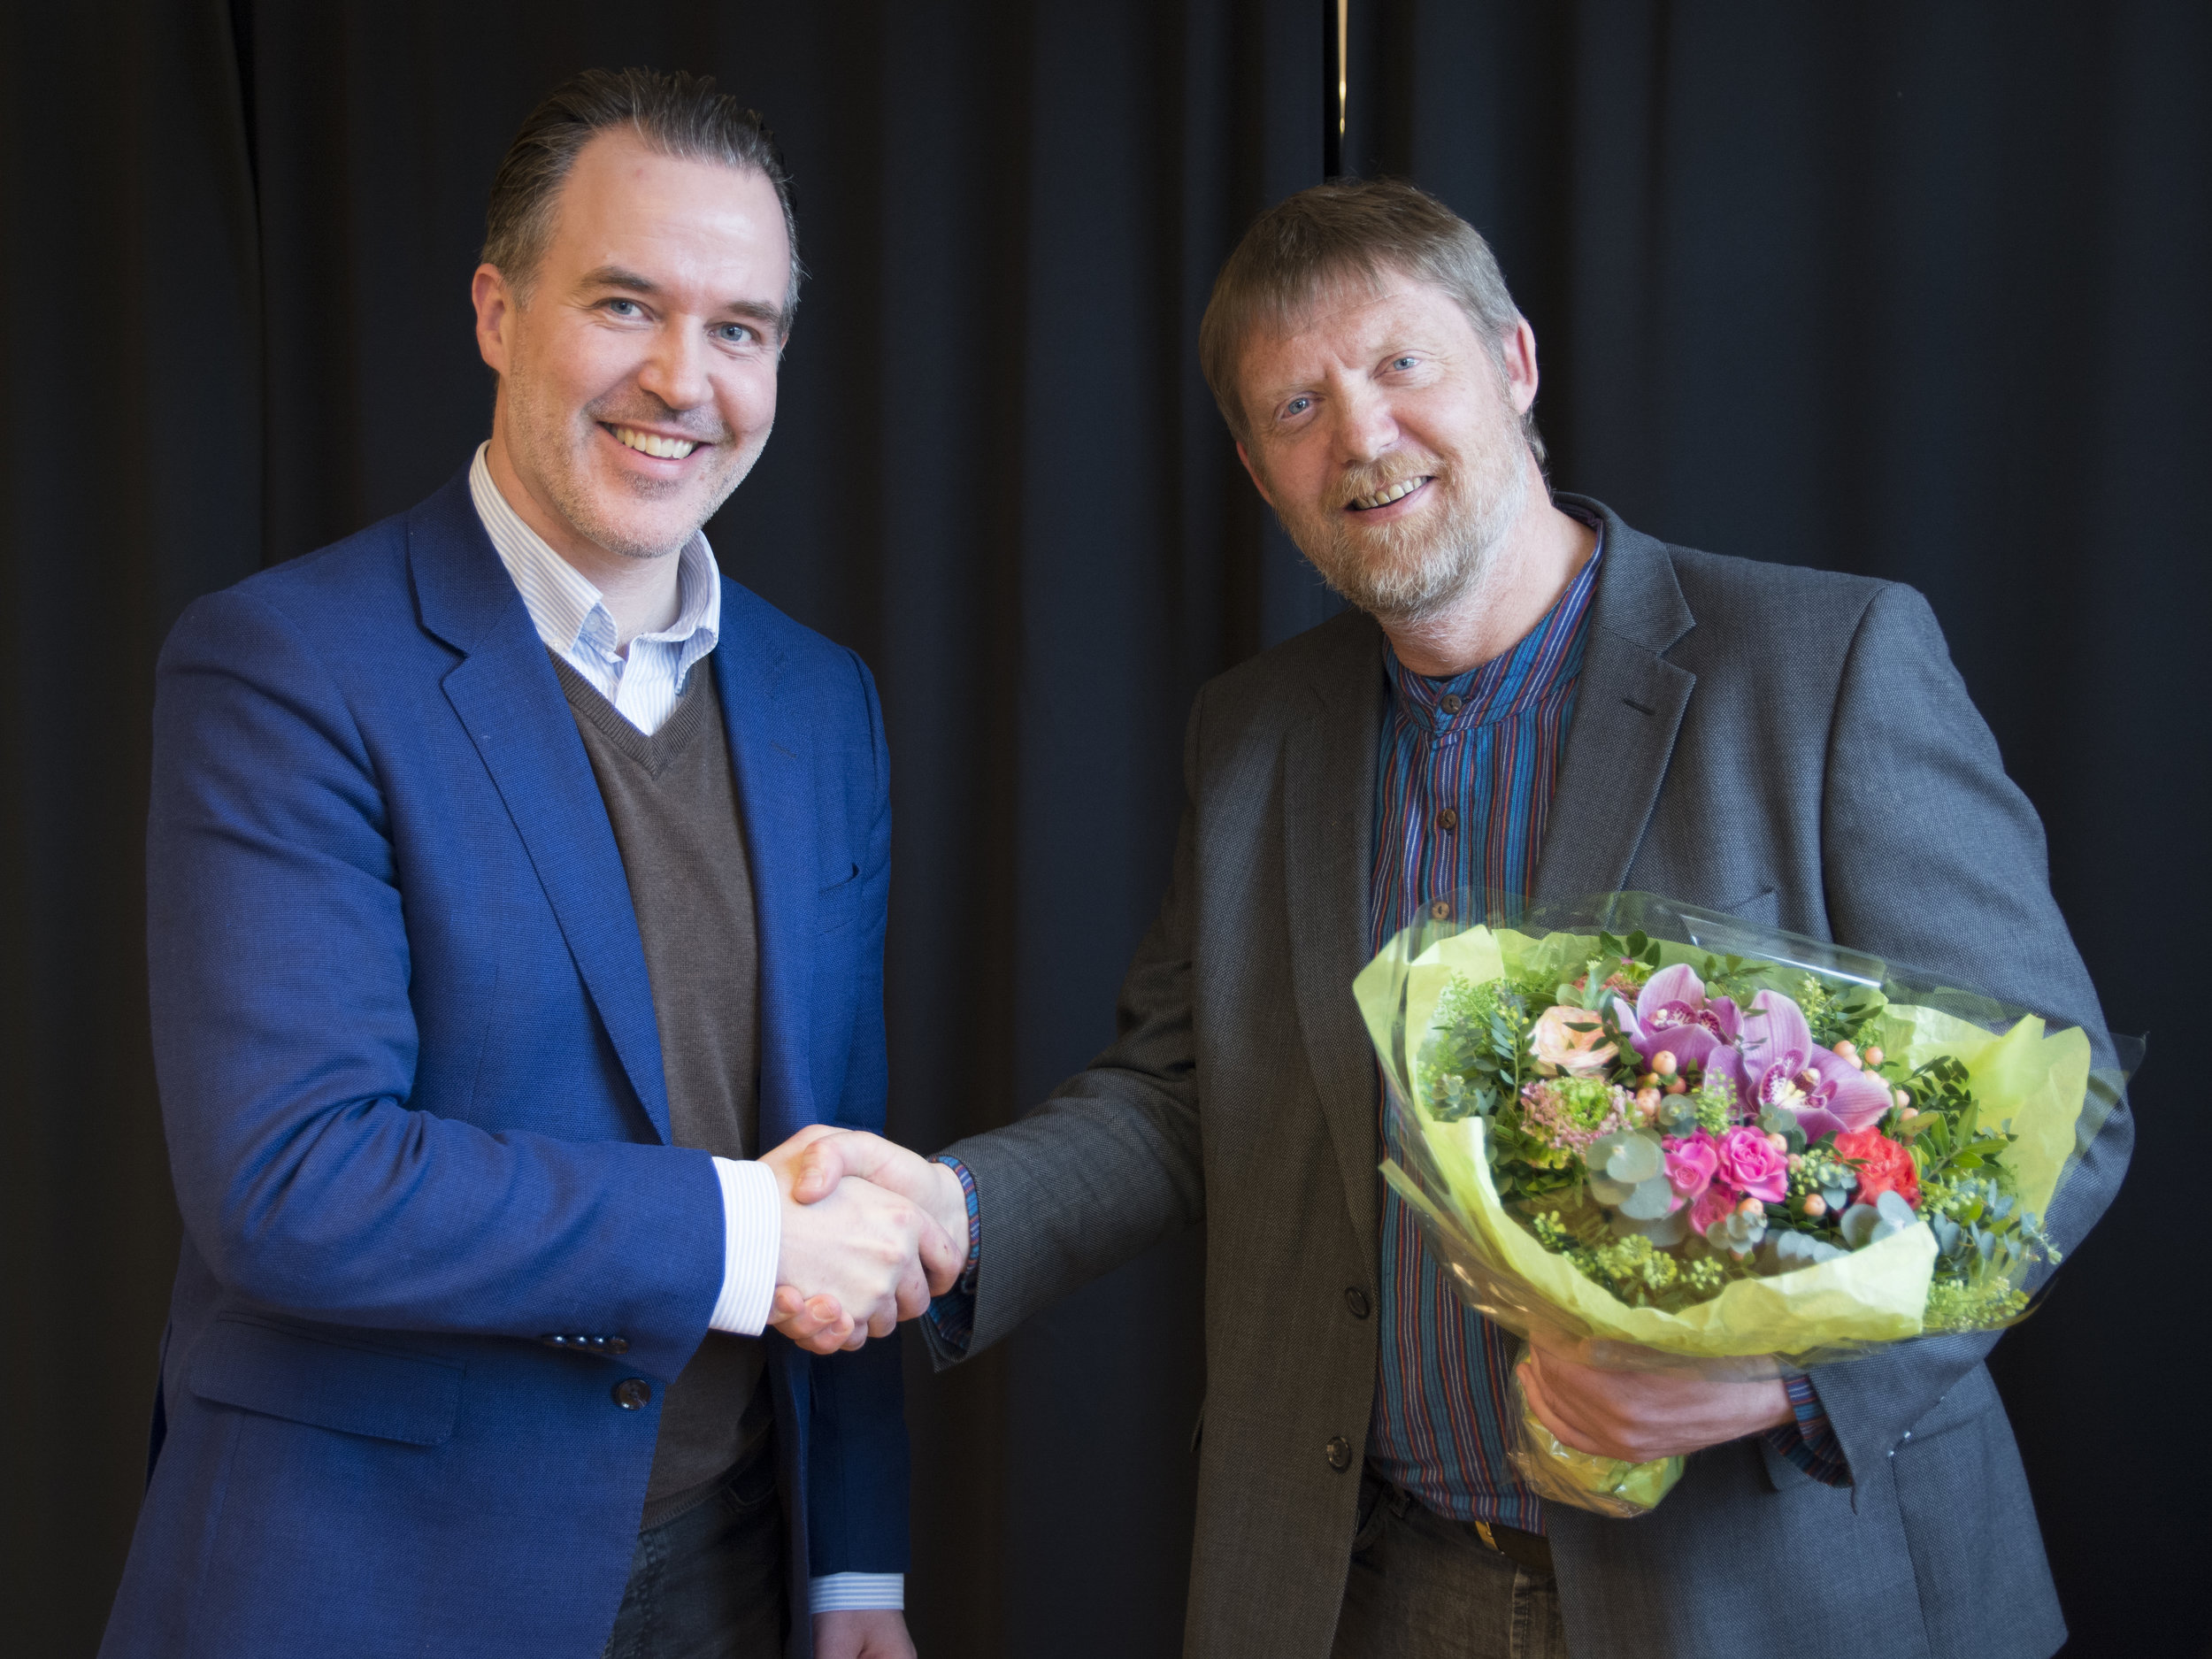 Fagpublikasjonsprisen 2017 ble utdelt til Per Åsmund Omholt